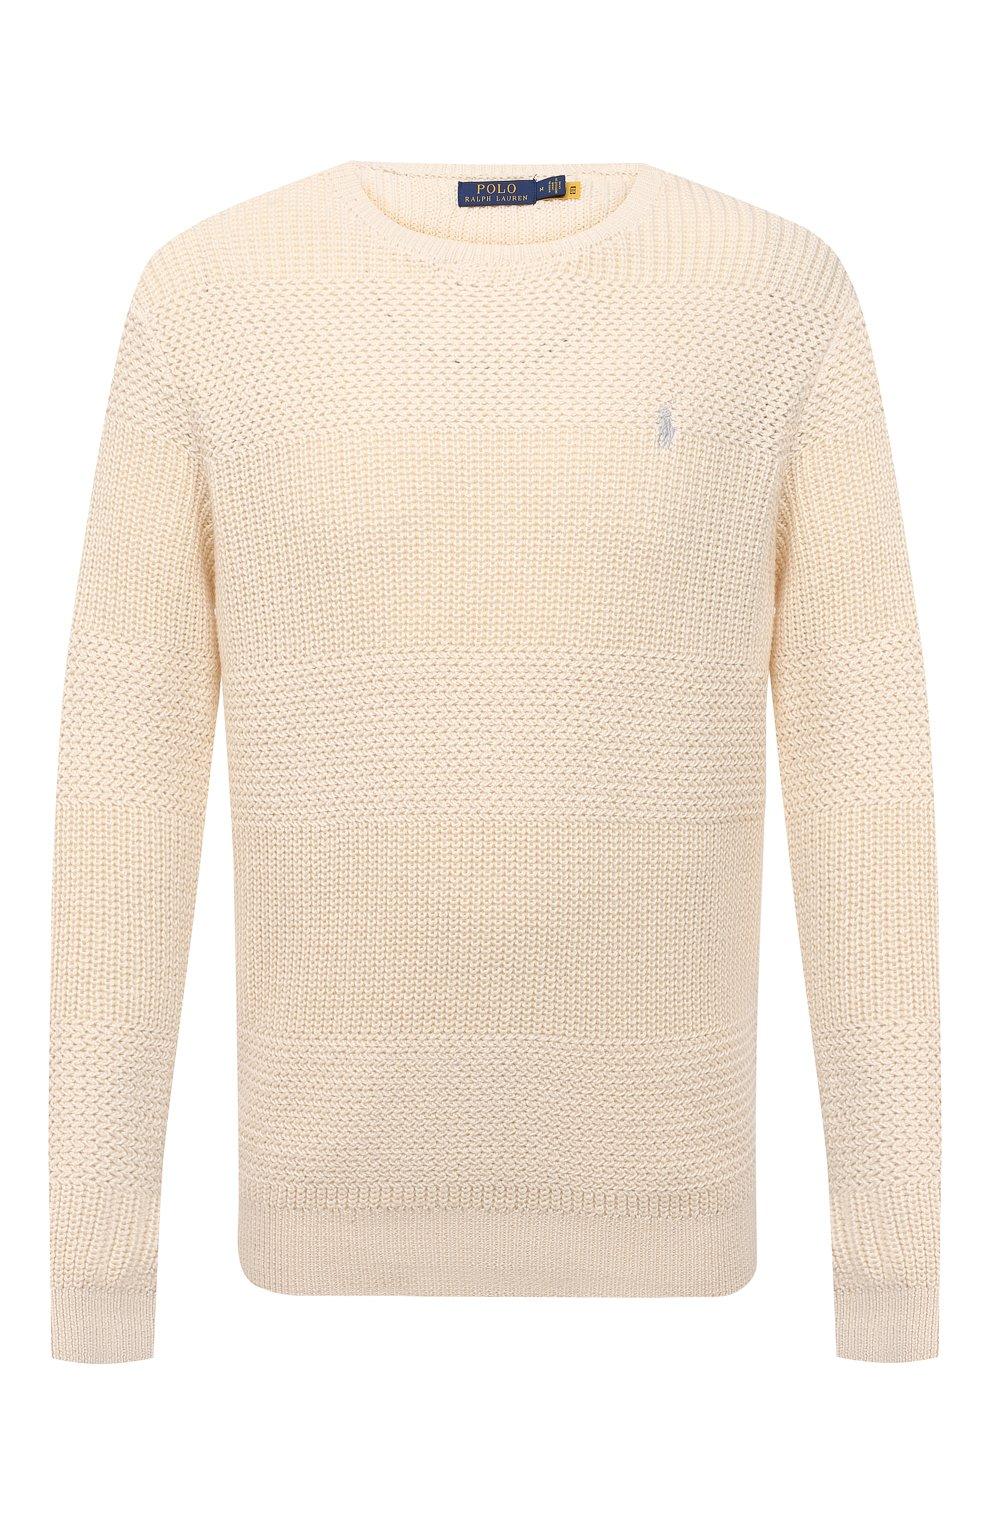 Мужской хлопковый свитер POLO RALPH LAUREN кремвого цвета, арт. 710835828   Фото 1 (Рукава: Длинные; Принт: Без принта; Длина (для топов): Стандартные; Материал внешний: Хлопок; Мужское Кросс-КТ: Свитер-одежда; Стили: Кэжуэл)